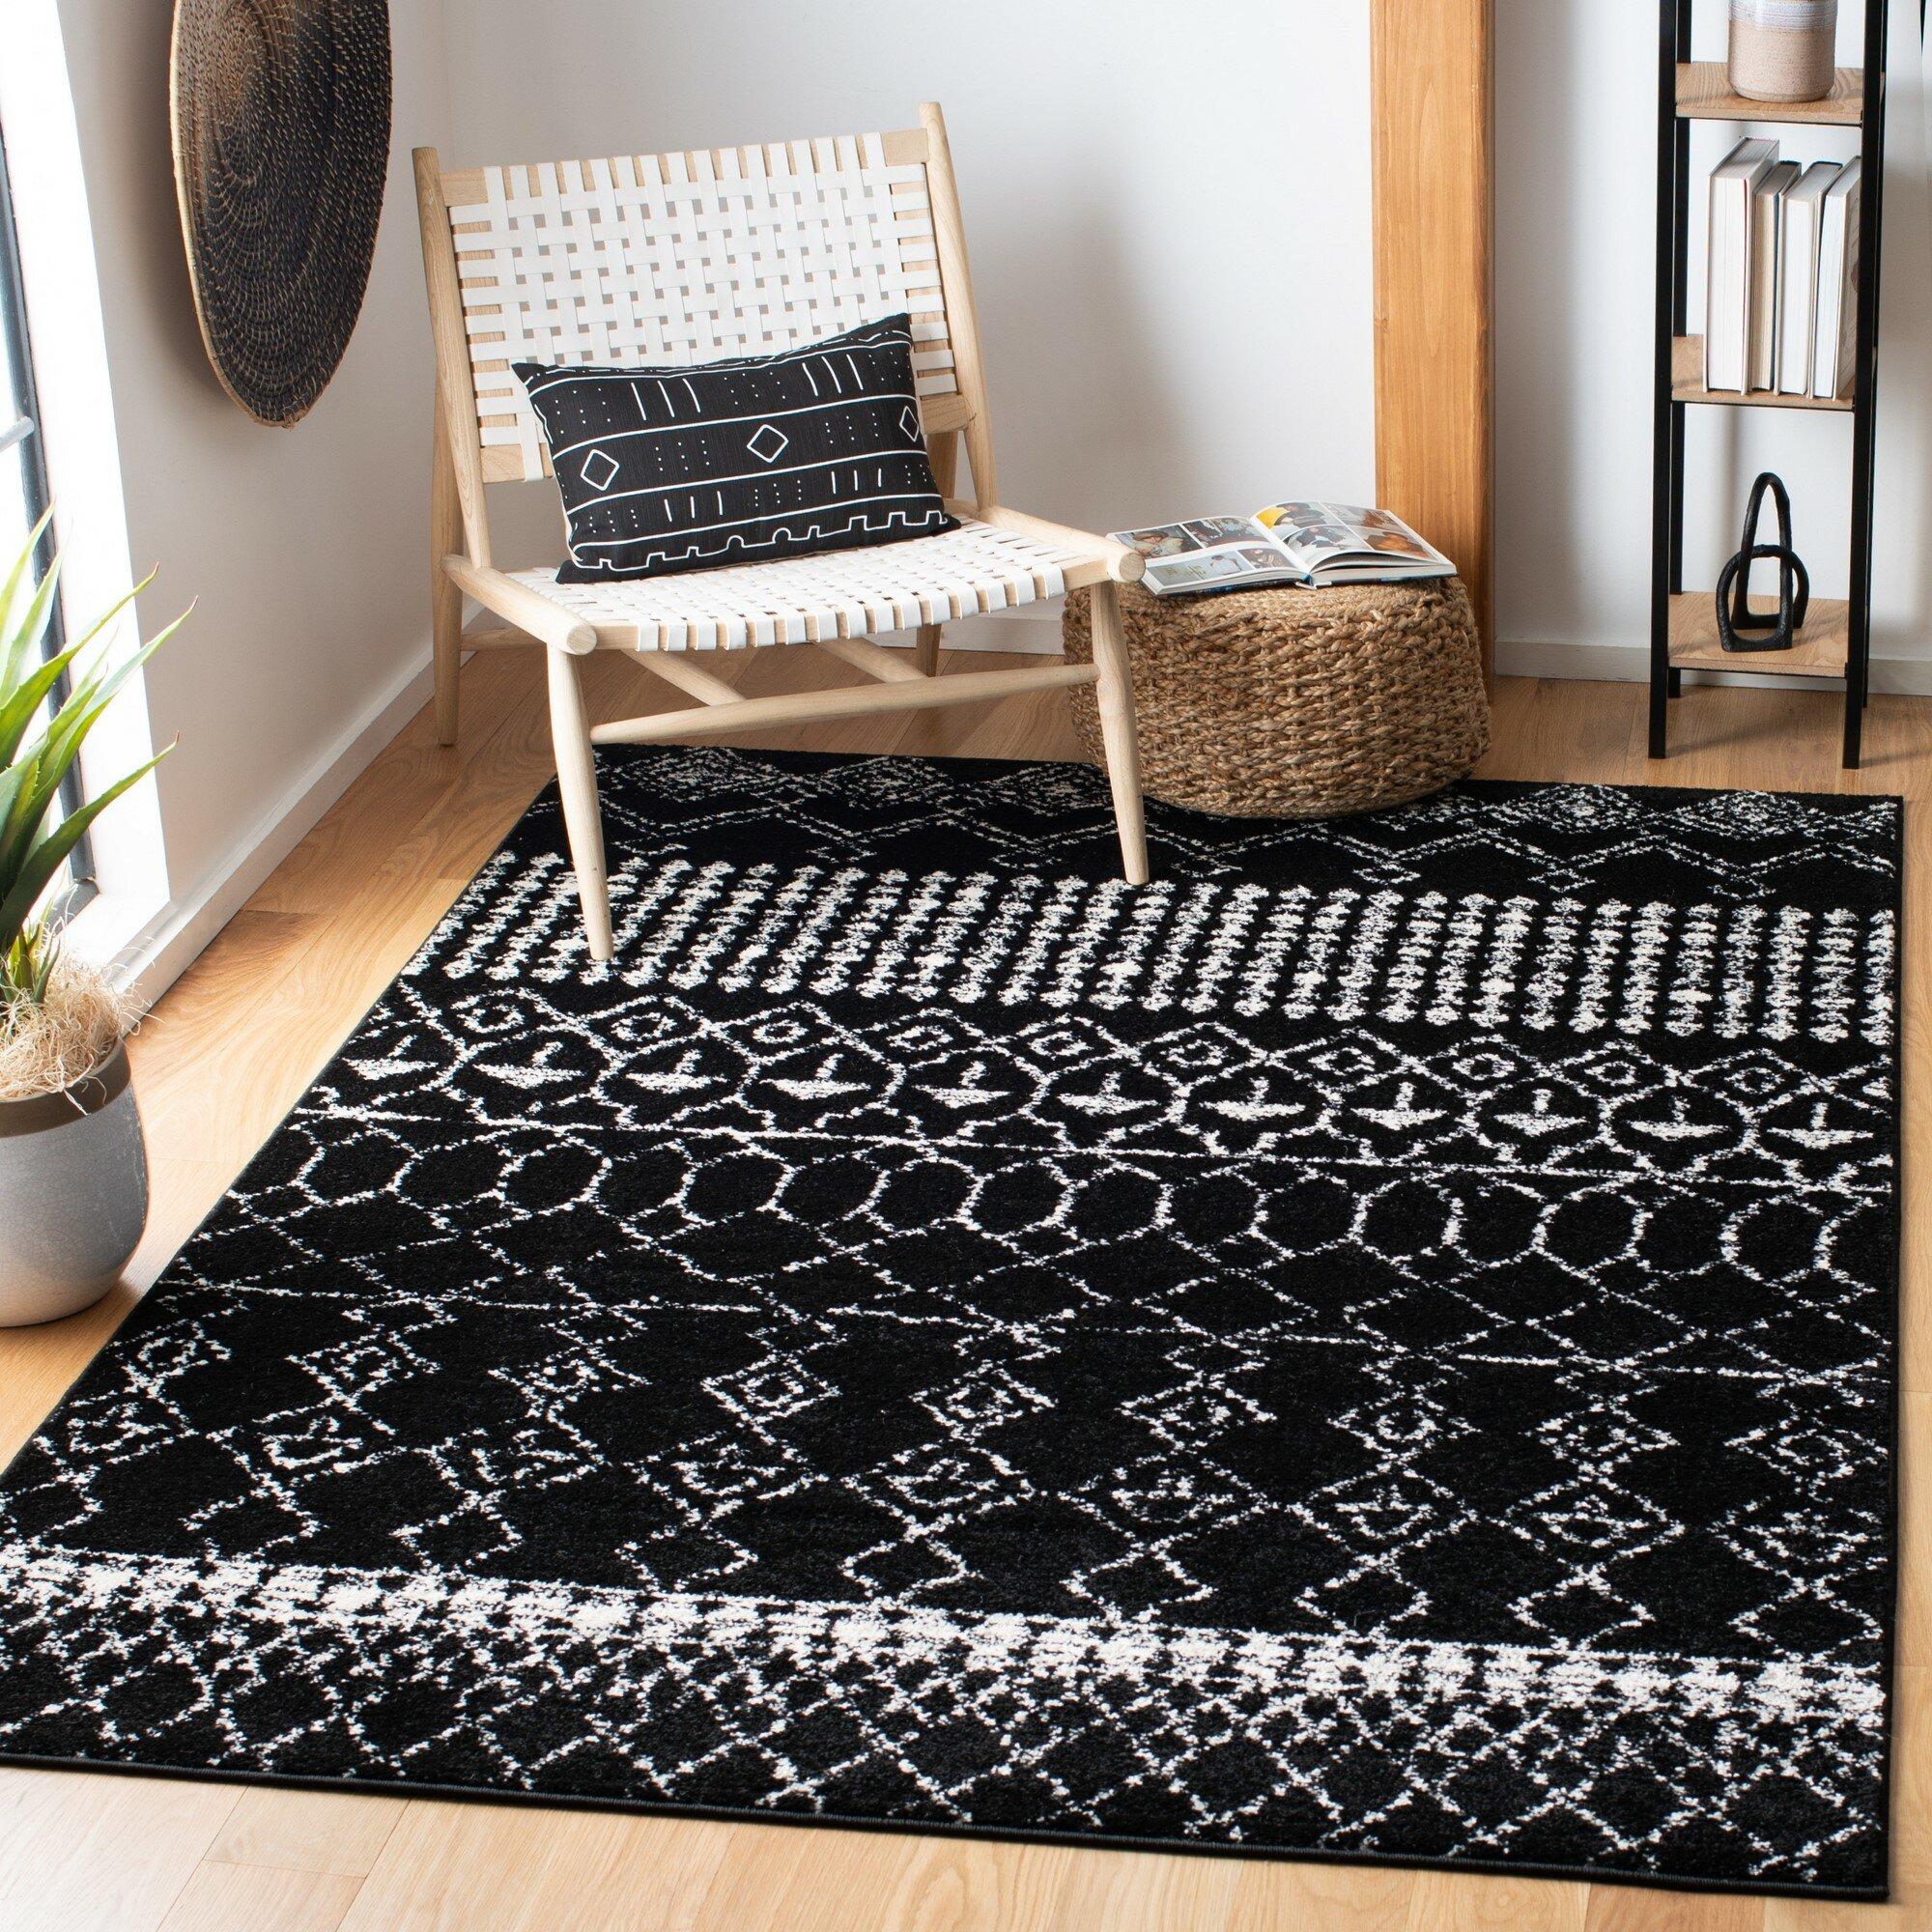 Foundry Select Cobos Geometric Black Area Rug Reviews Wayfair